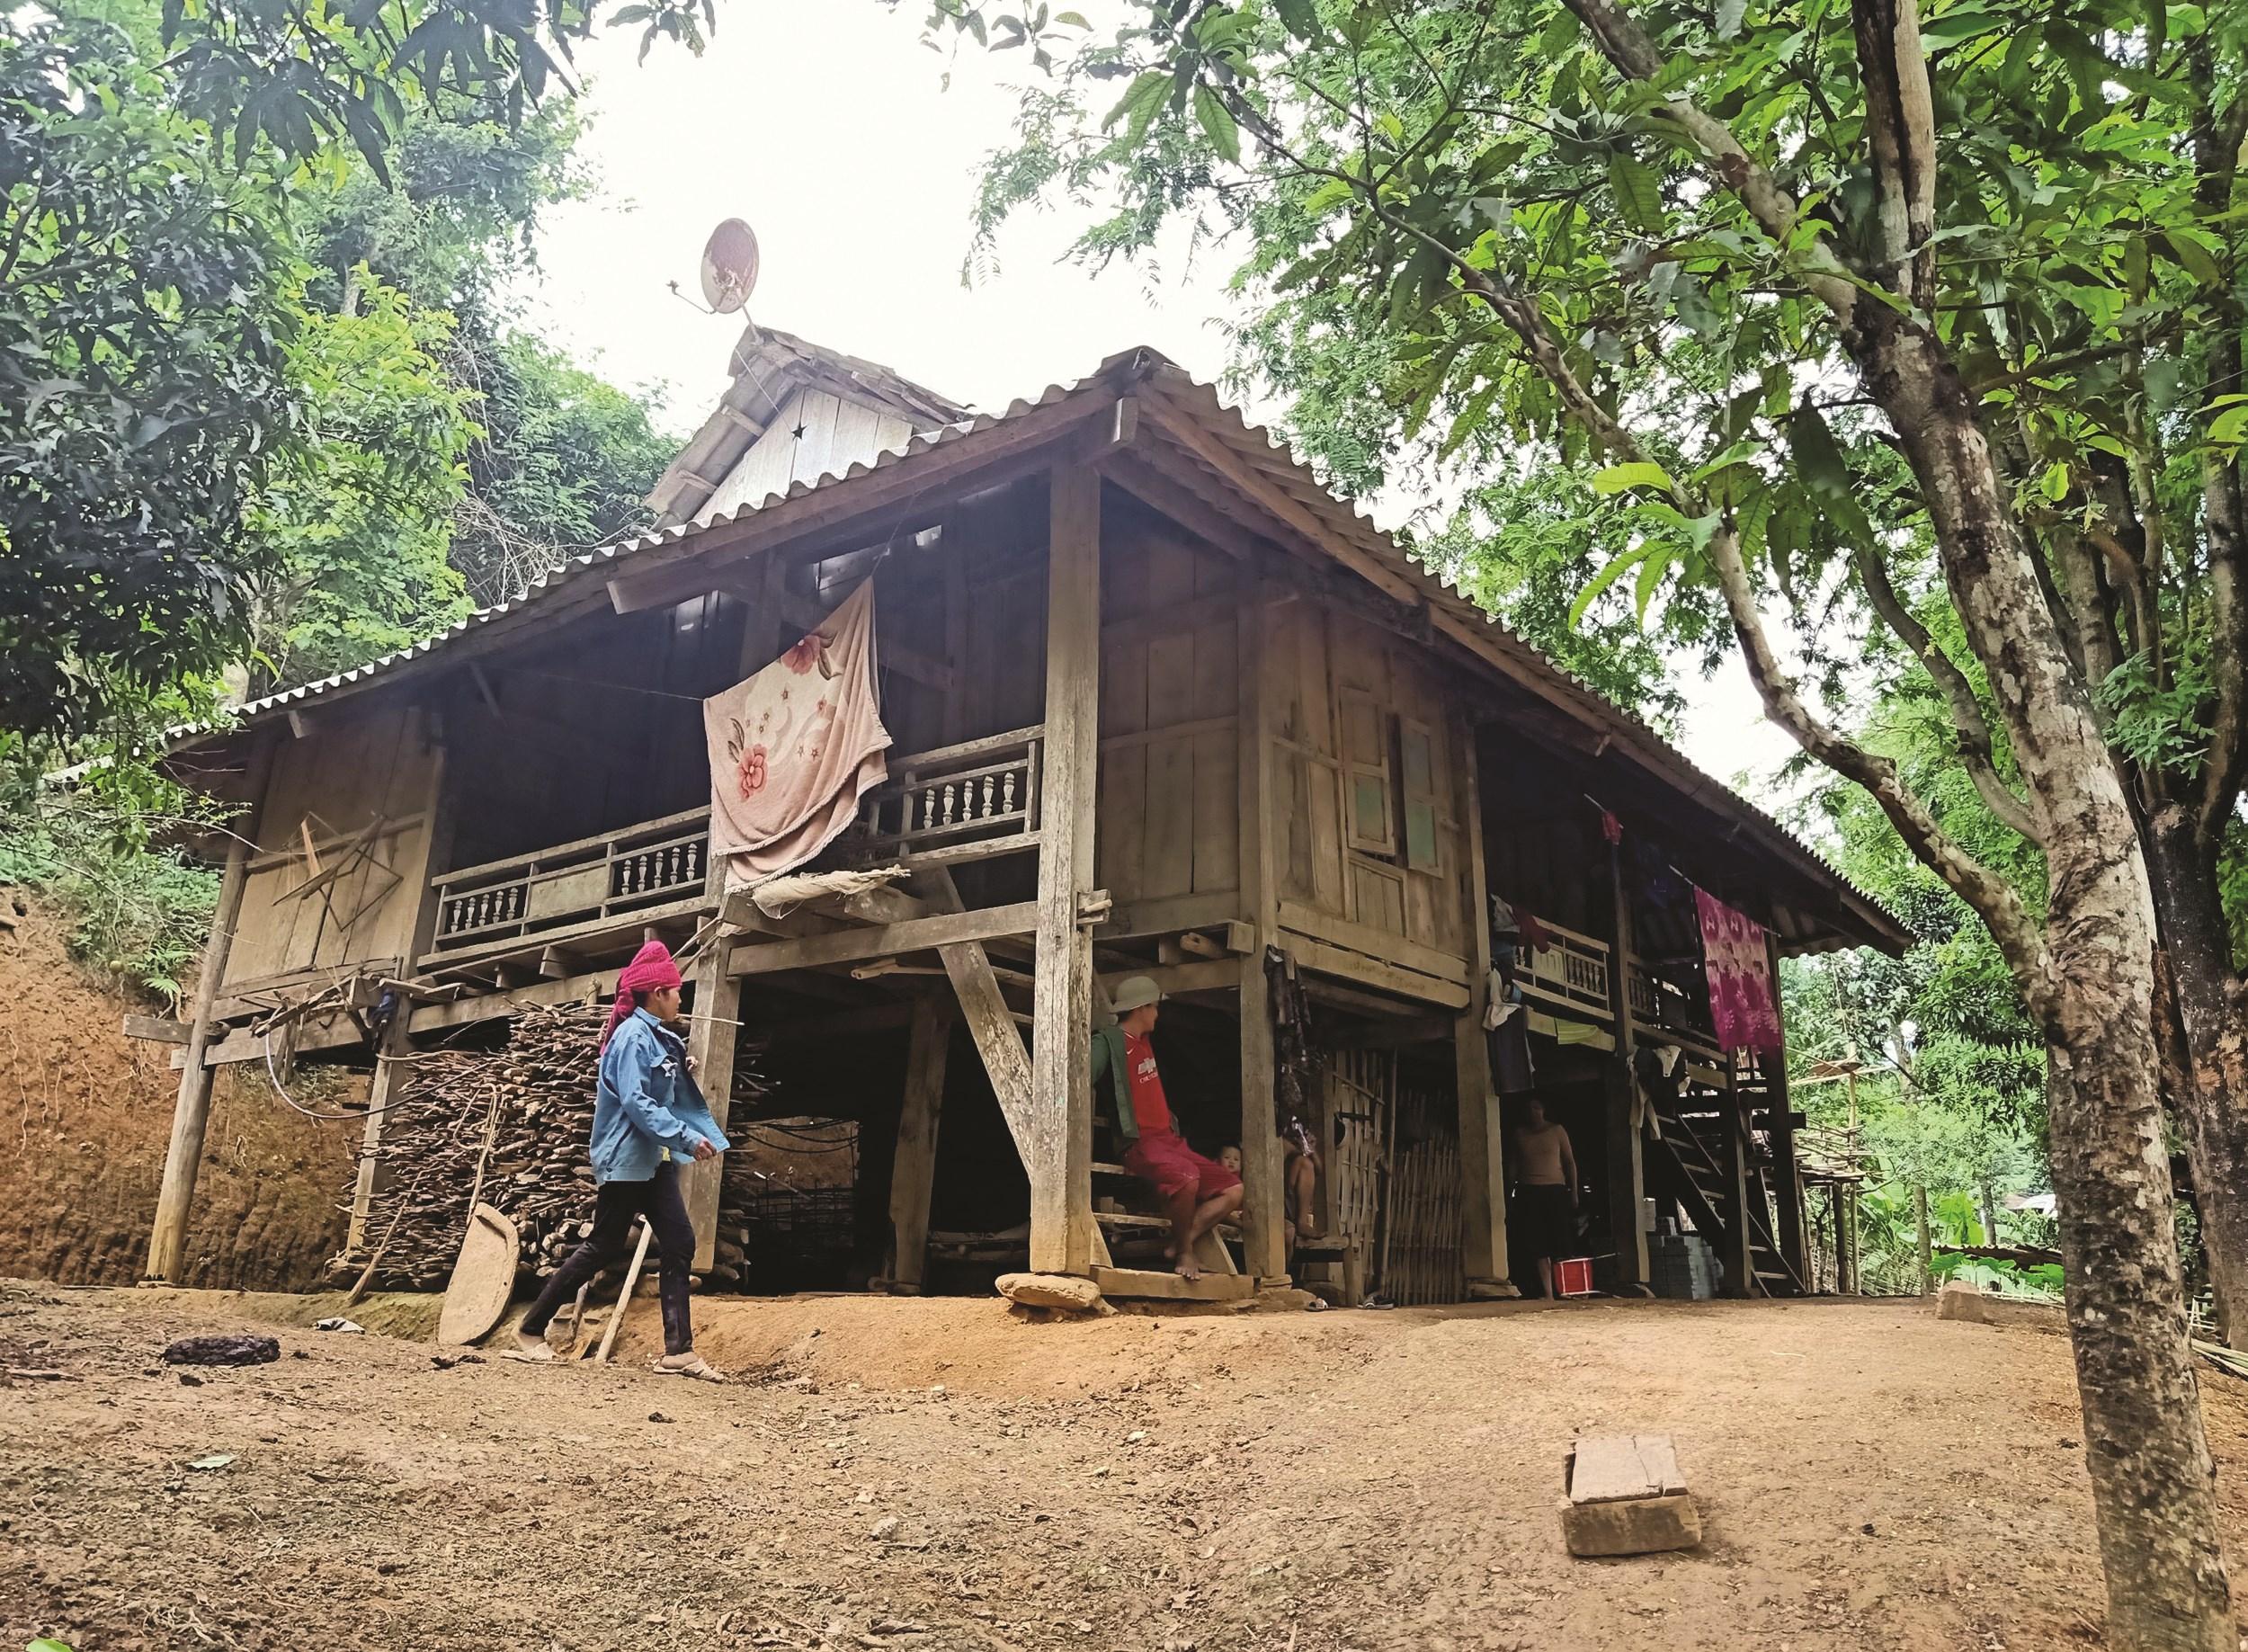 Cuộc sống khó khăn, kéo theo những giá trị văn hóa truyền thống của dân tộc Xinh Mun ở Chiềng Sơ đang dần bị mai một.